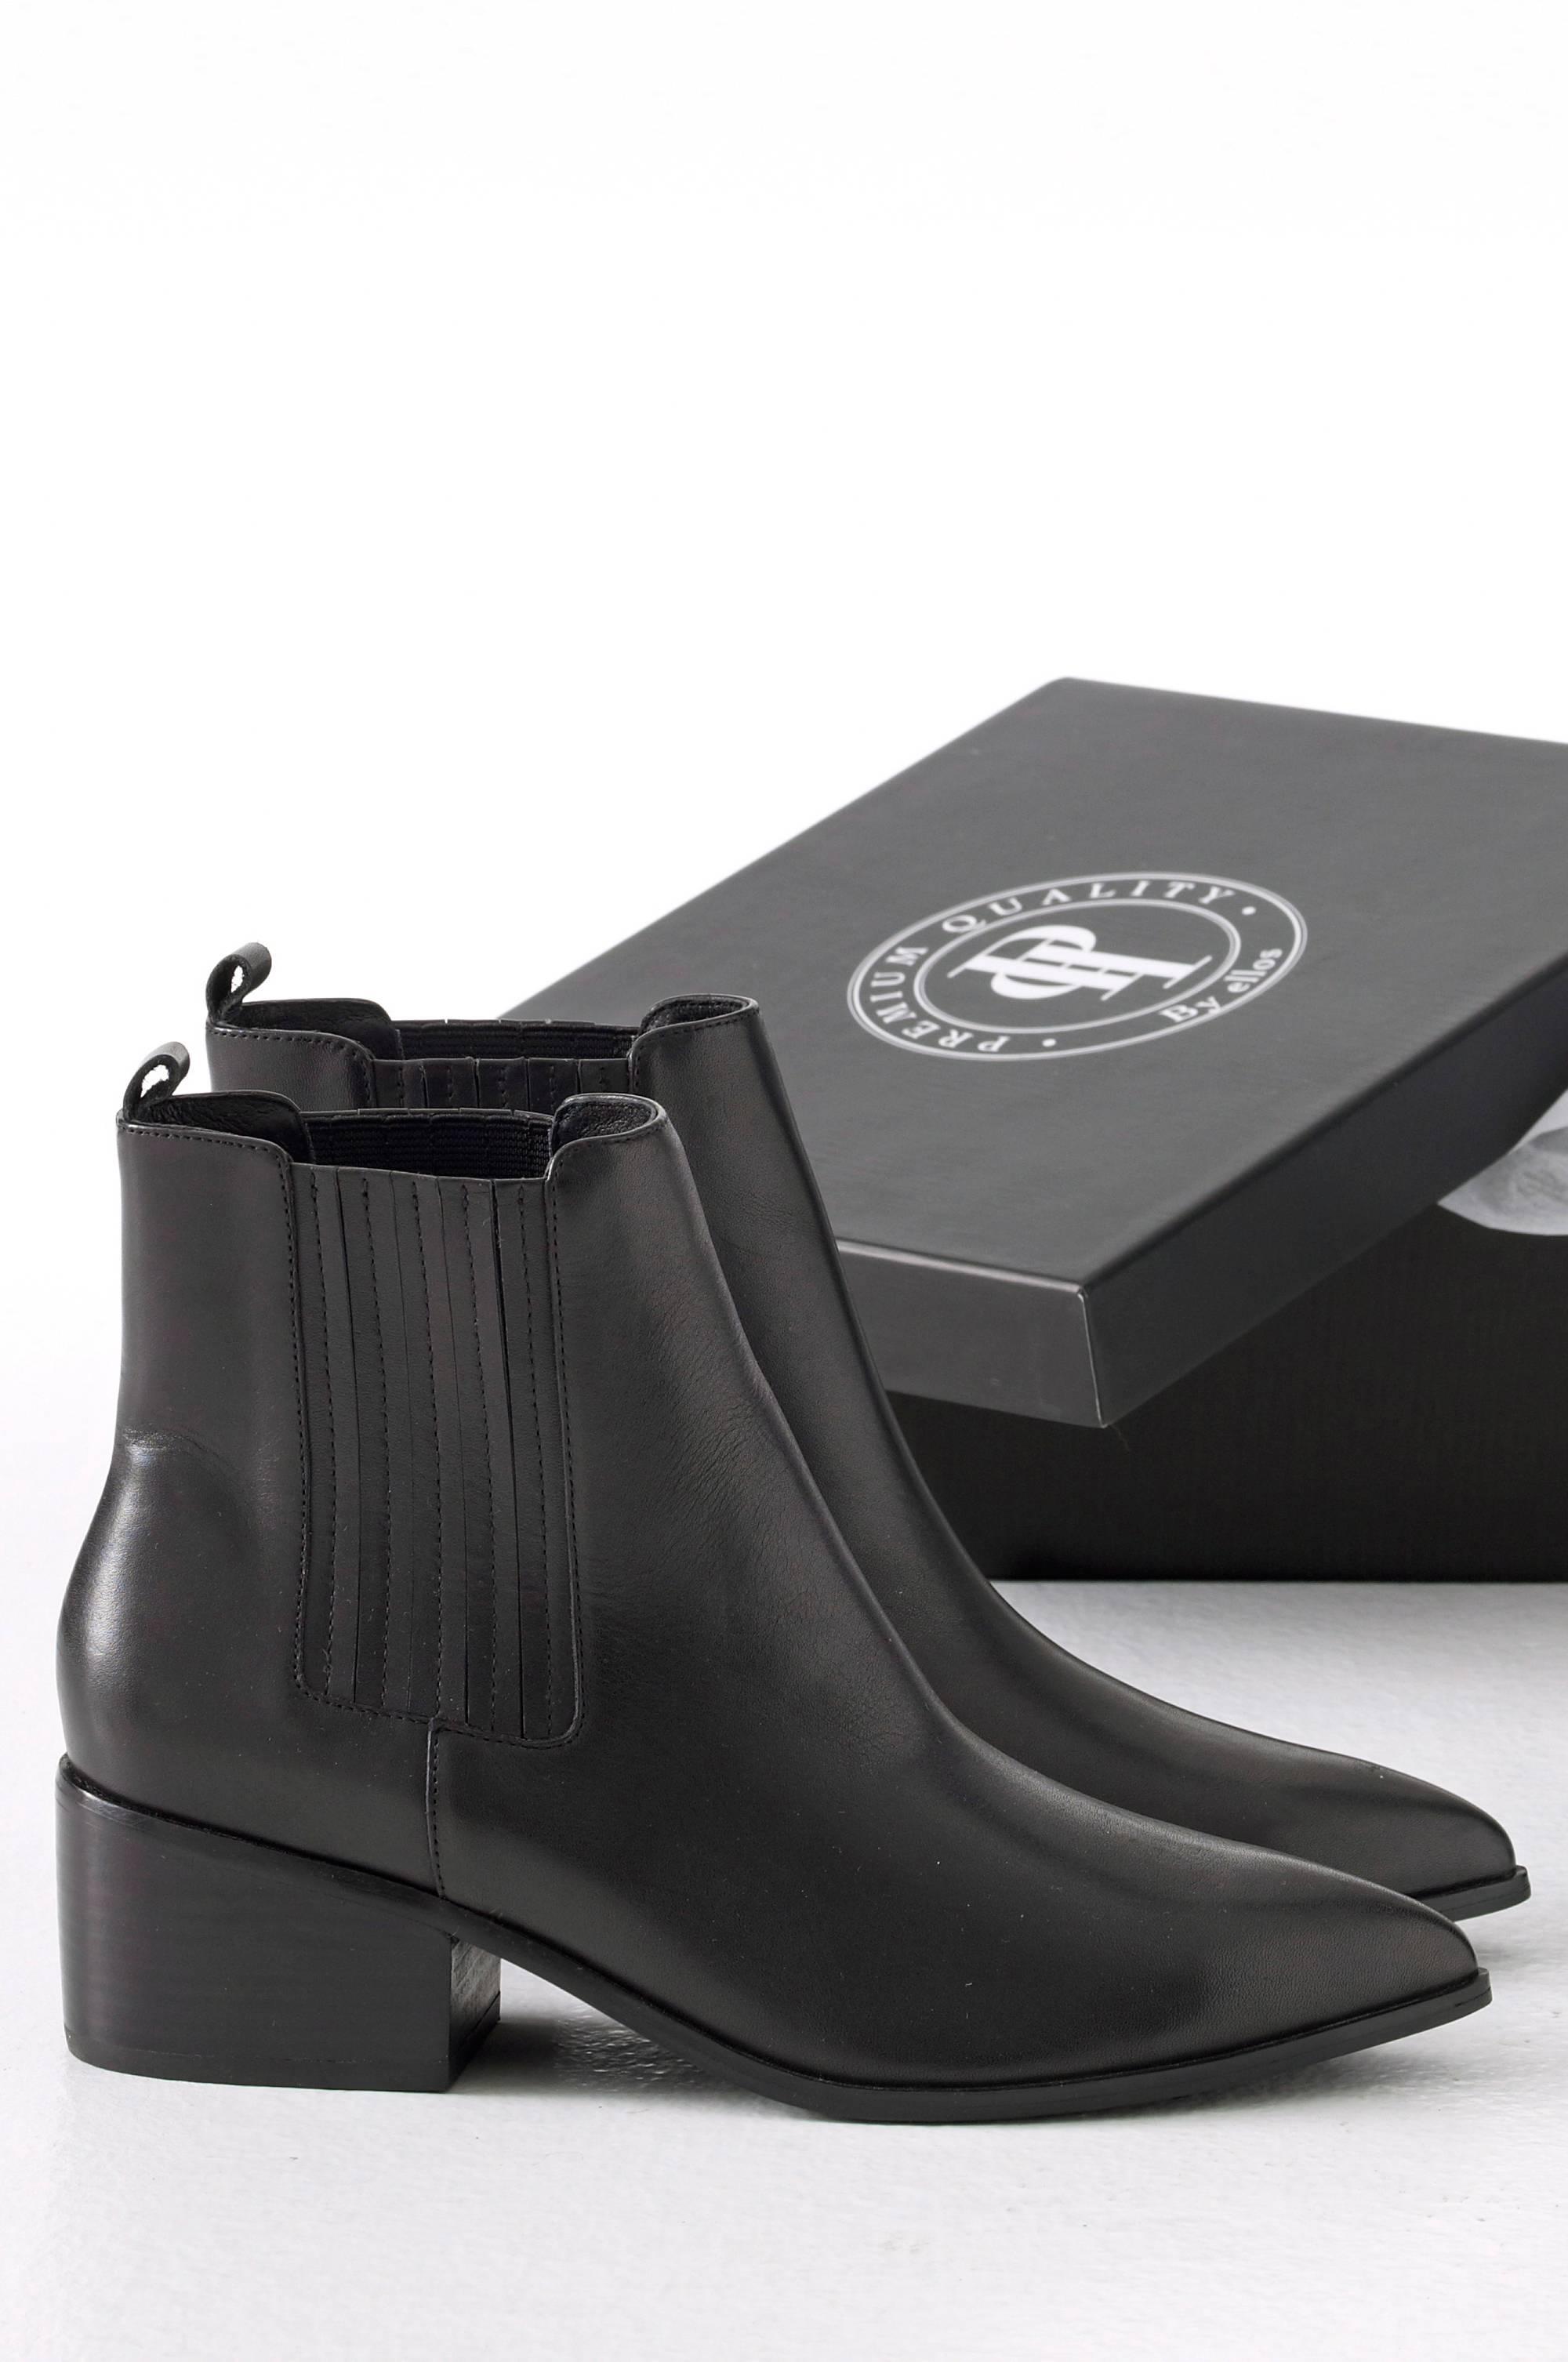 2c0d4120 Ellos Shoes Skinnboots - Svart - Dame - Ellos.no